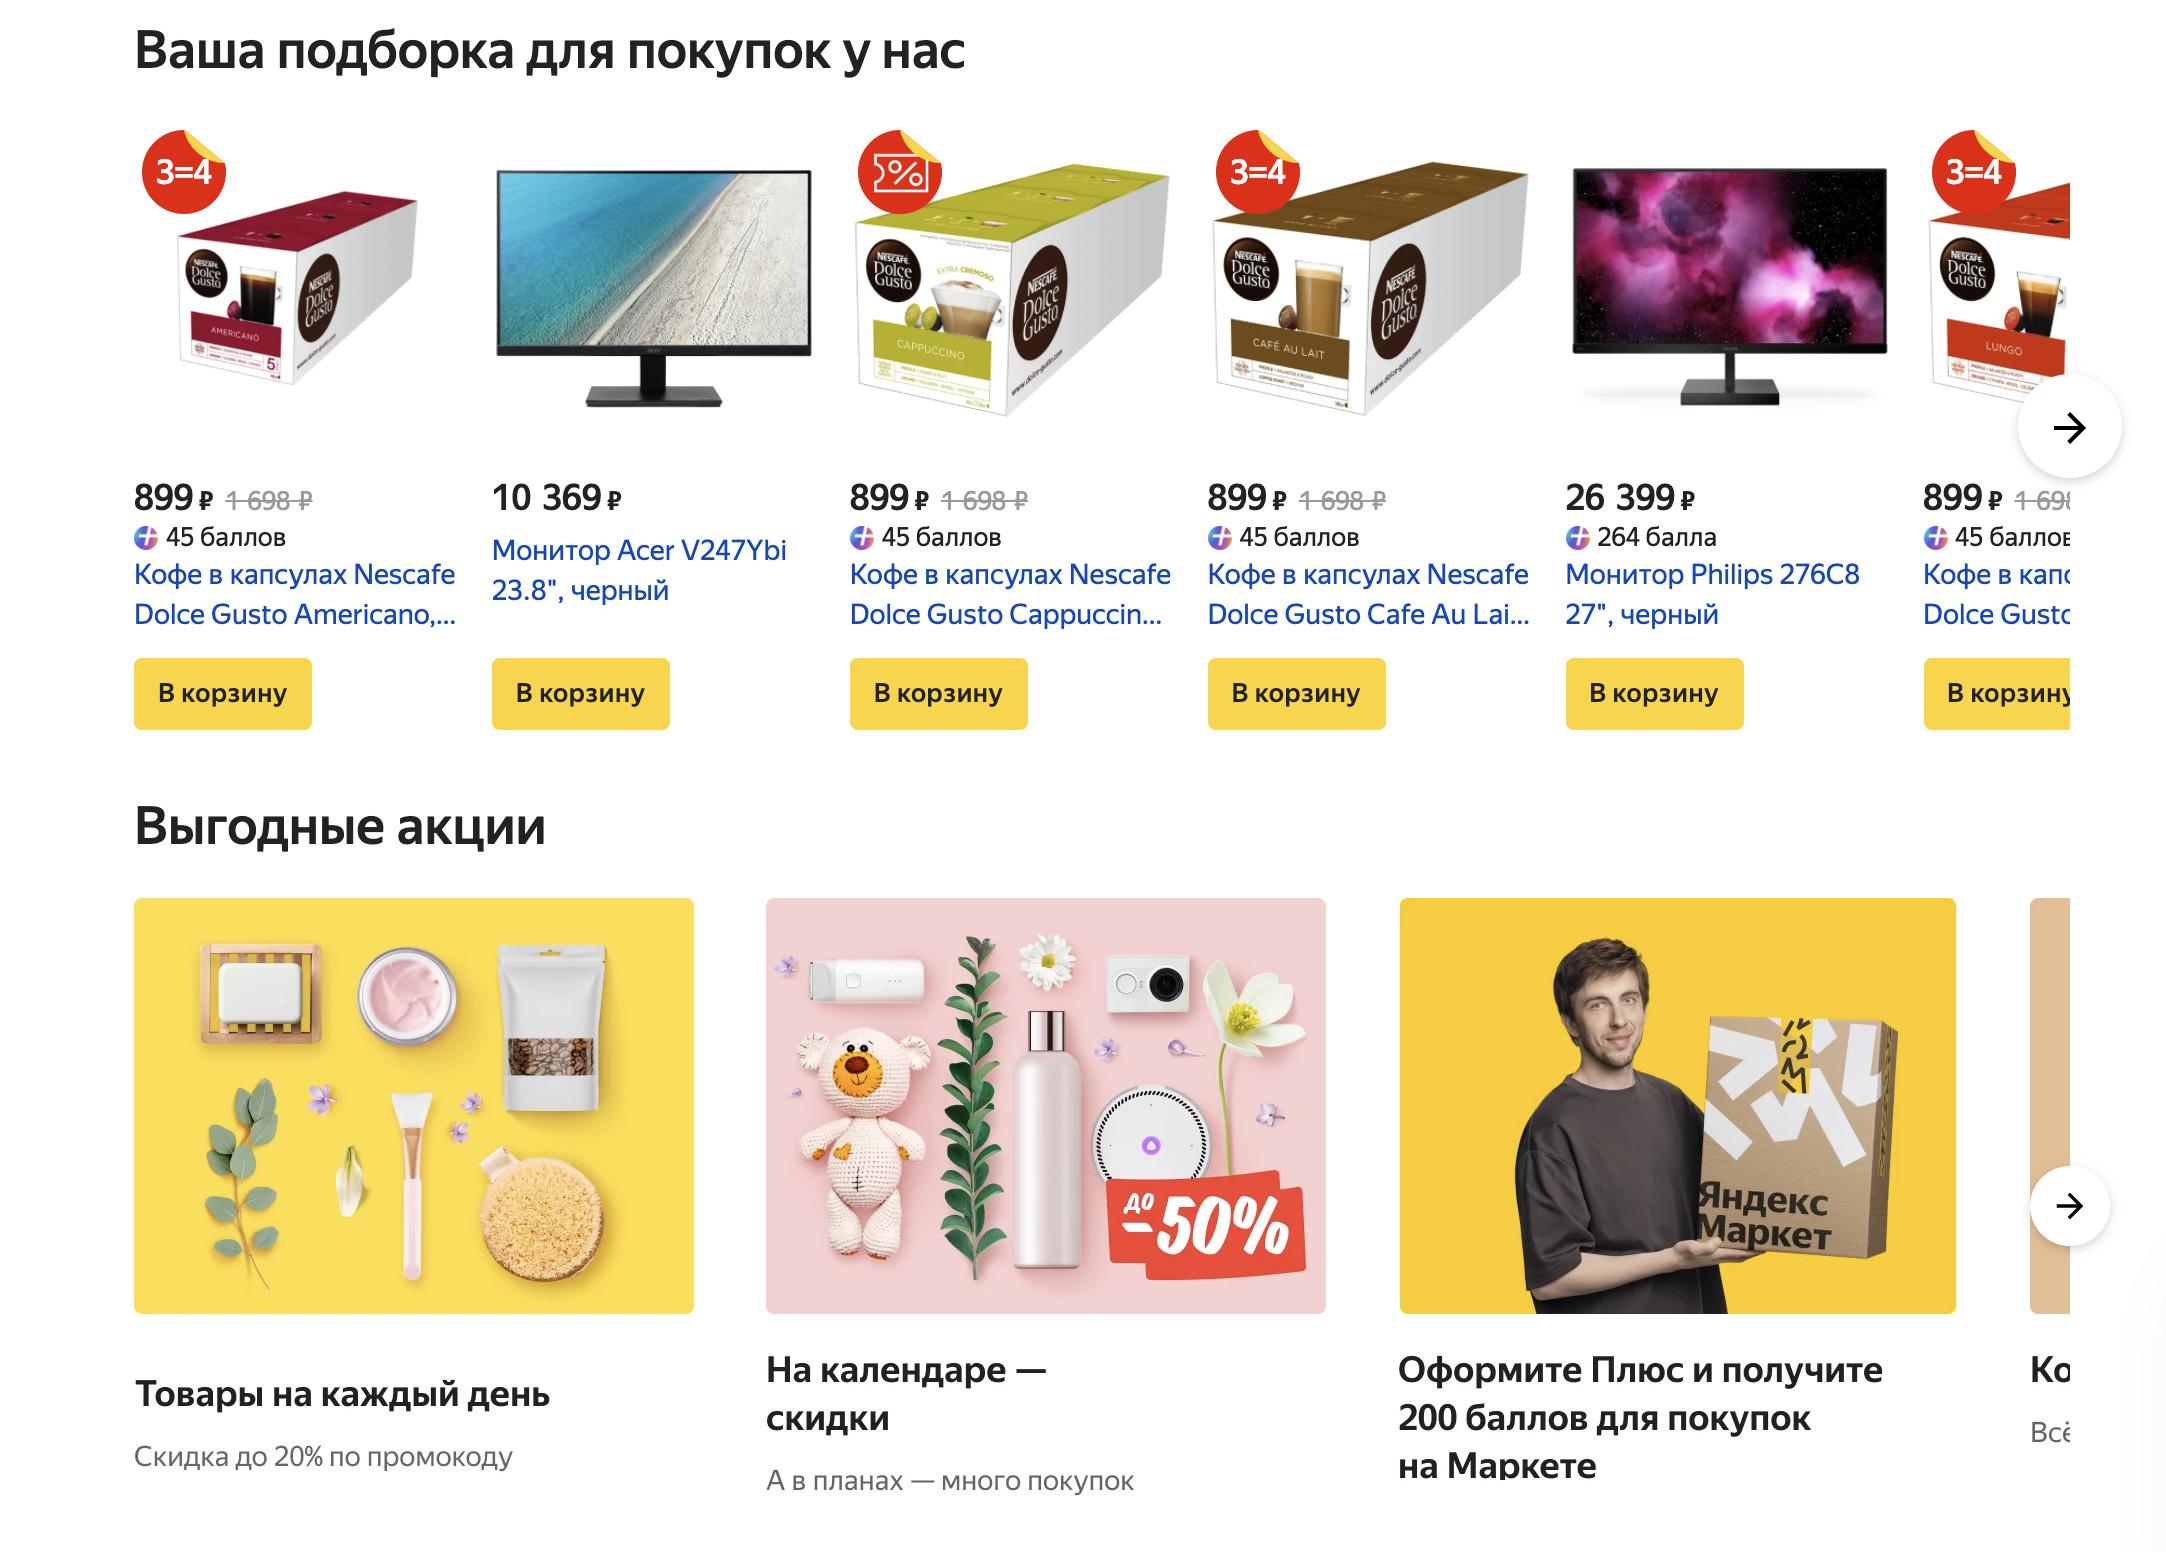 Доставка из Яндекс.Маркет в Рязанскую область, сроки, пункты выдачи, каталог